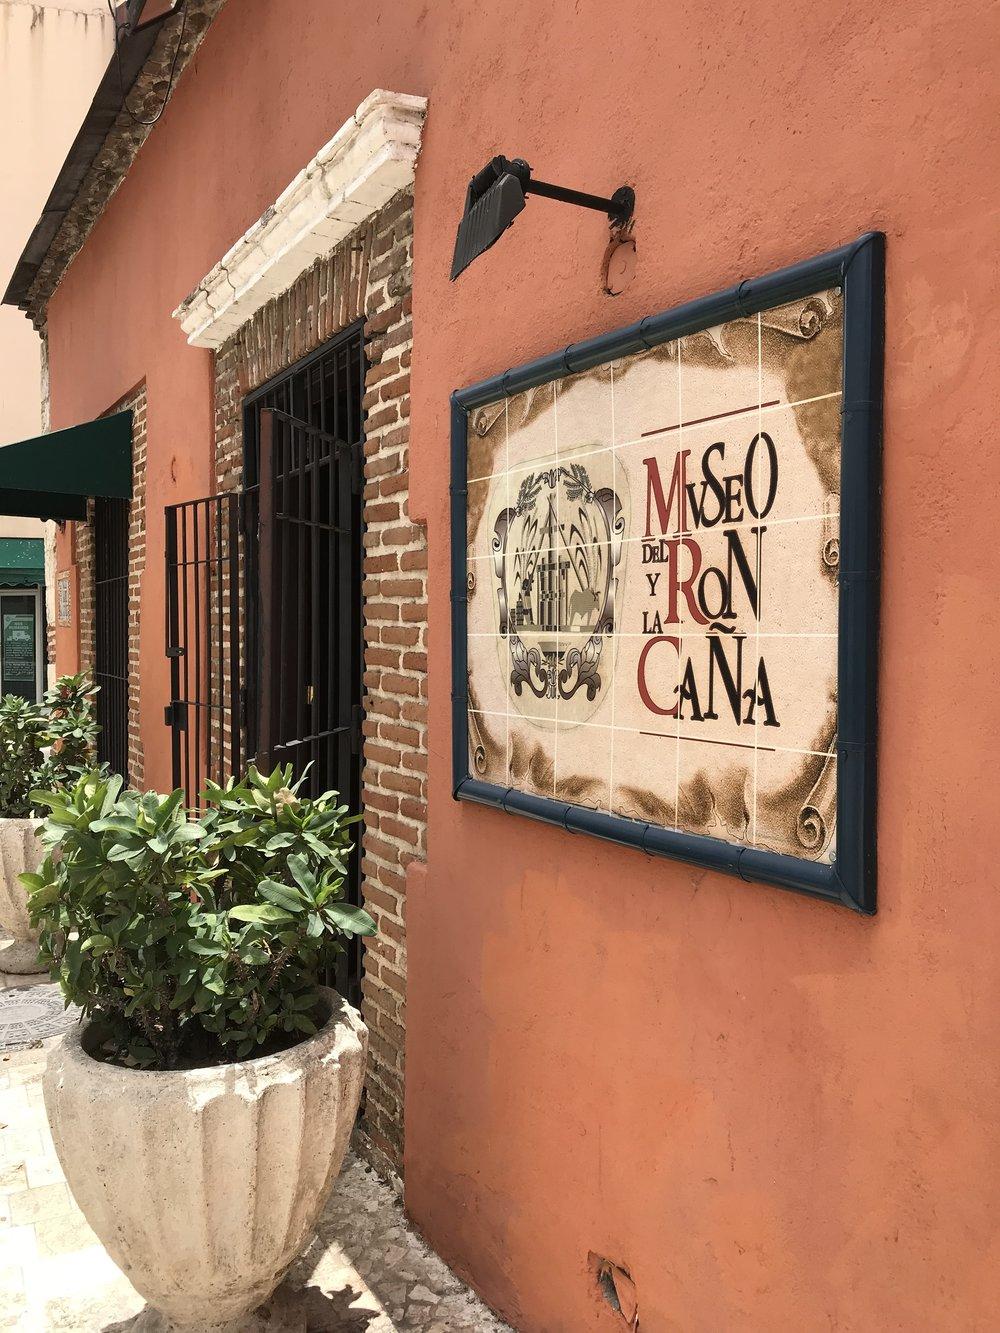 Museo del Ron y Cana